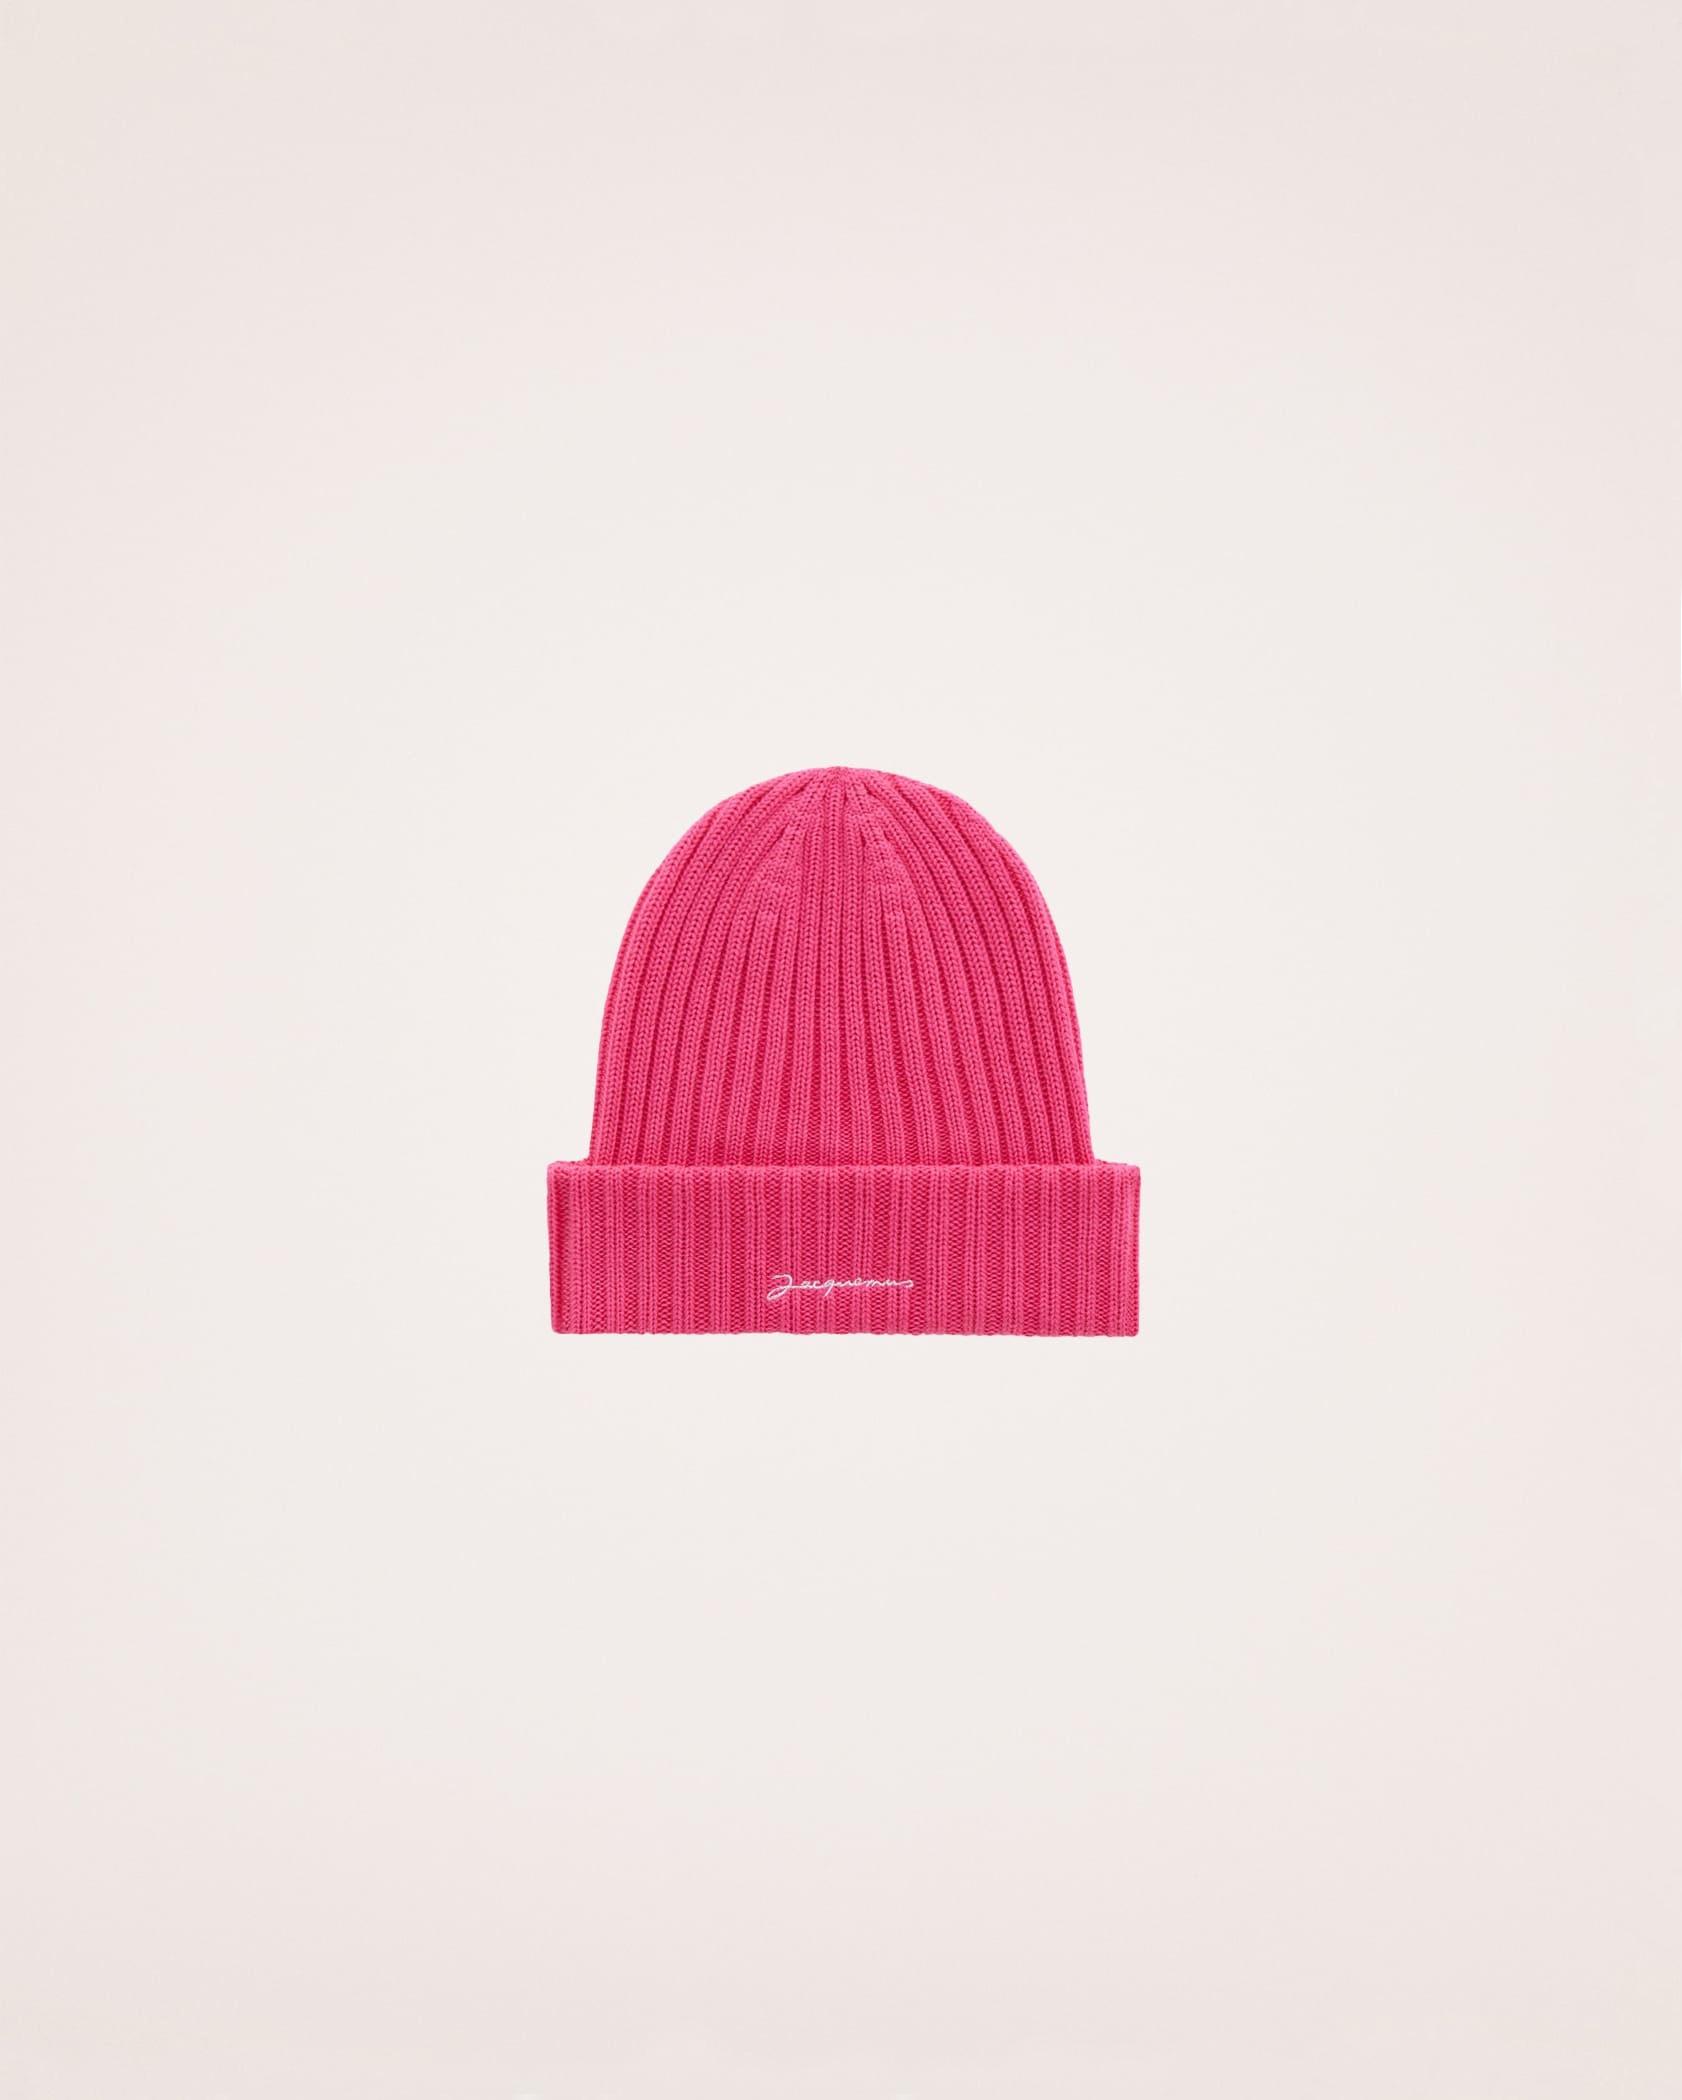 Цвет настроения розовый: новая капсульная коллекция Jacquemus